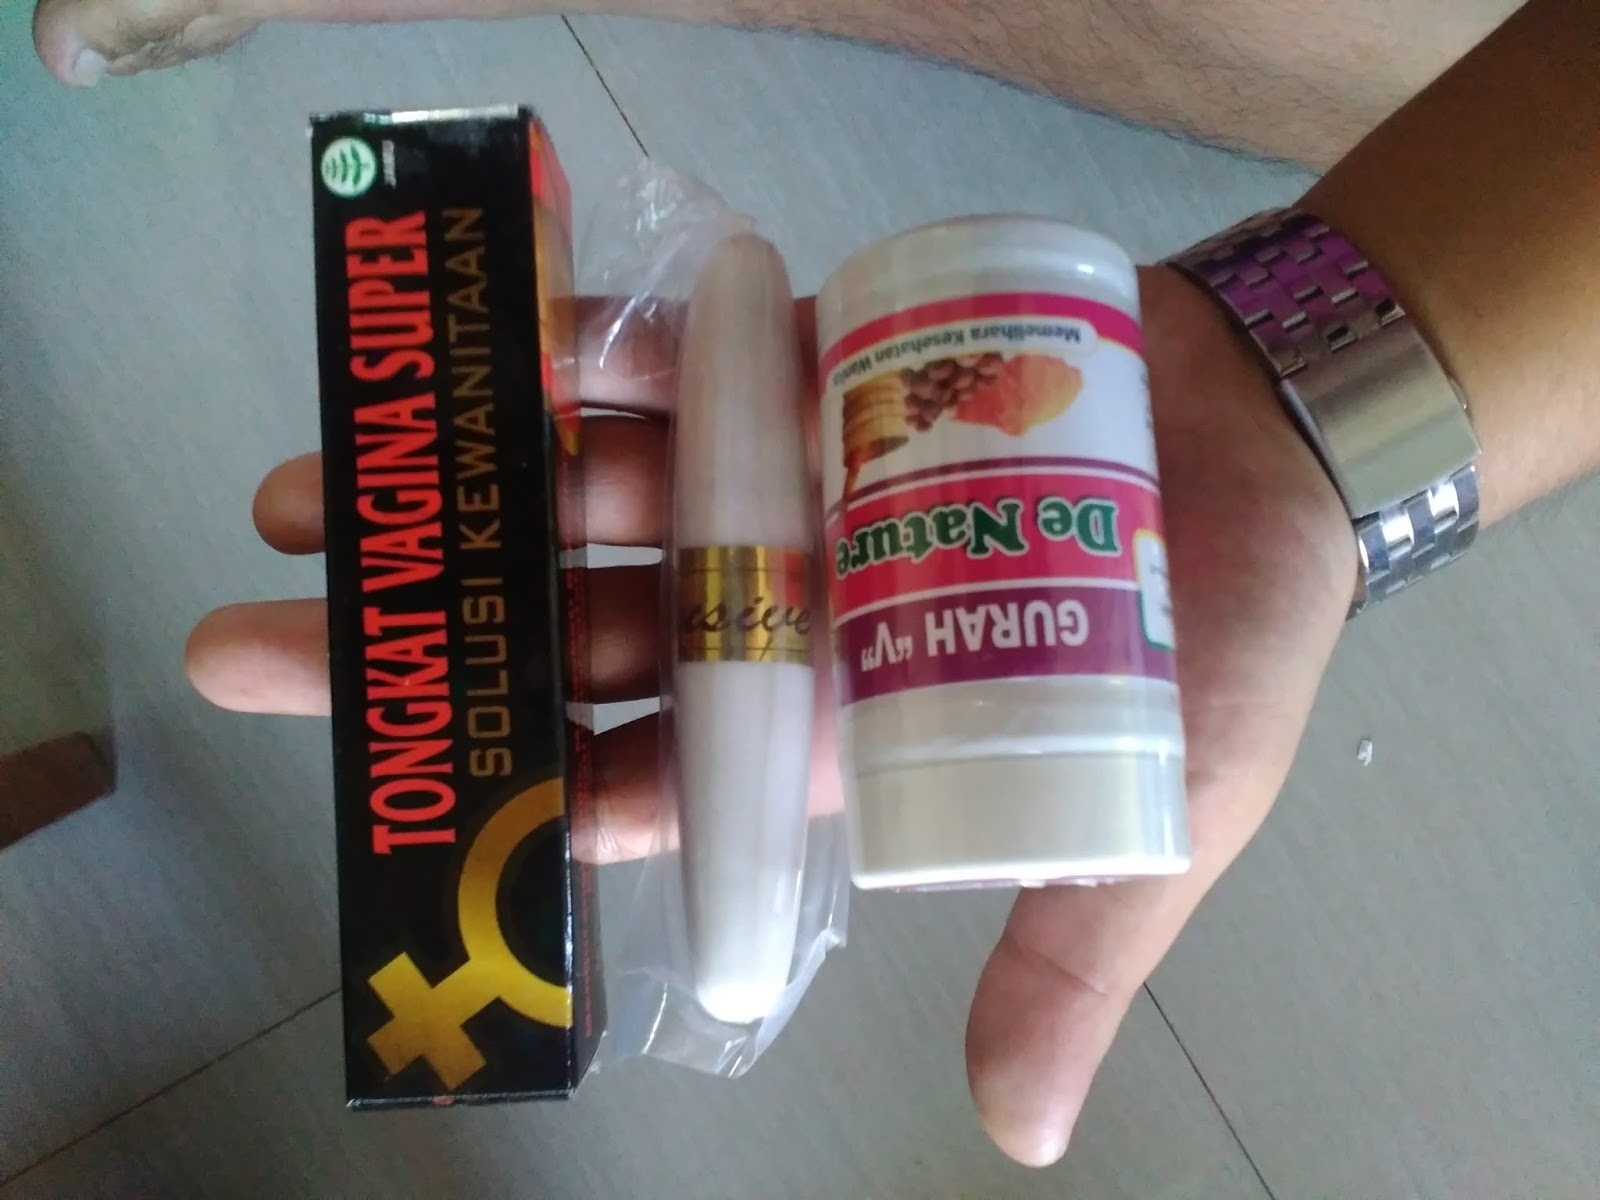 obat tradisional keputihan dan bau tak sedap